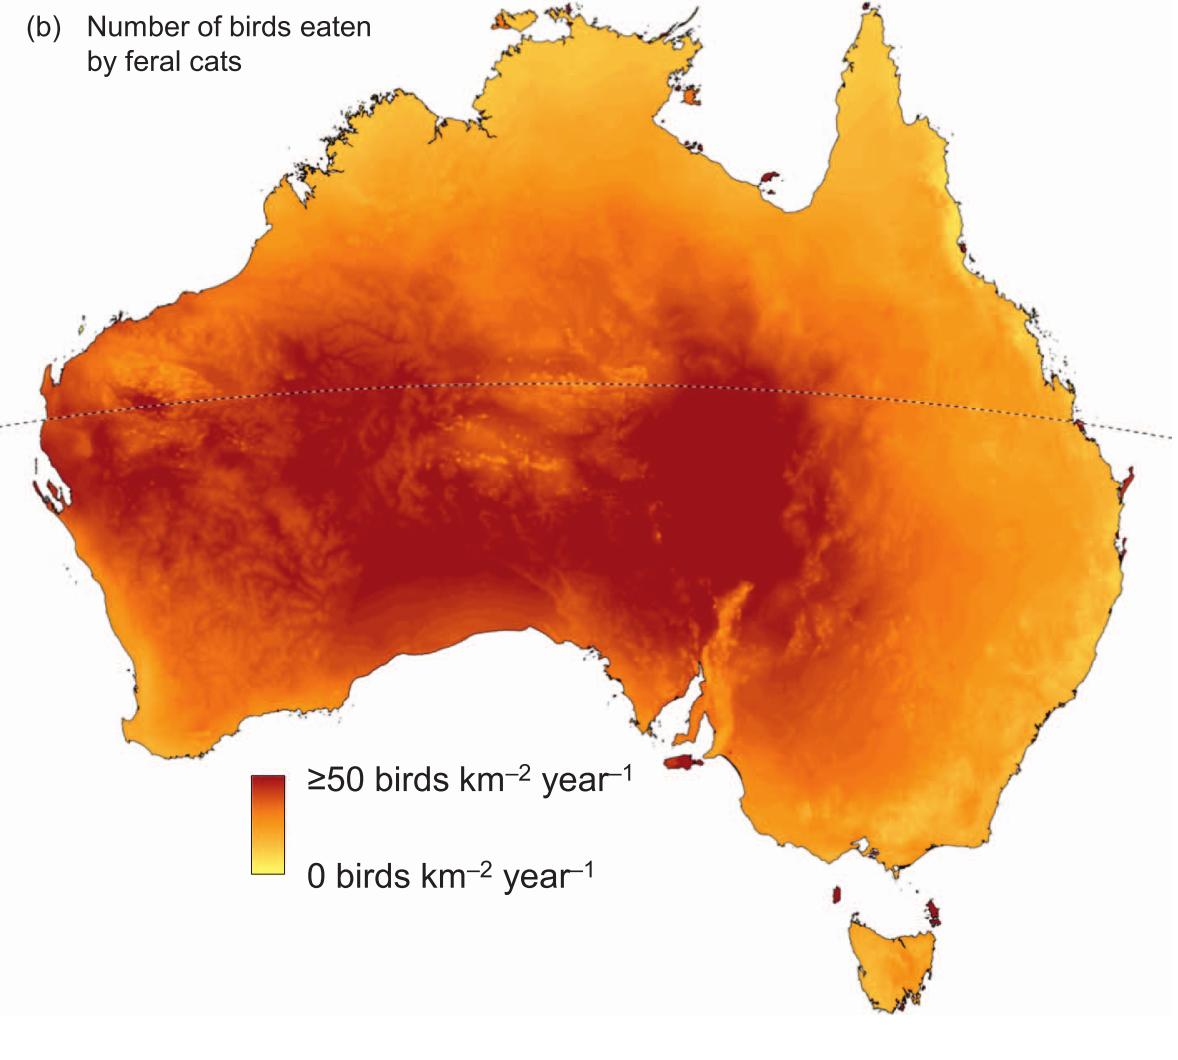 Cie spotlight how many birds are killed by cats in australia cie spotlight how many birds are killed by cats in australia gumiabroncs Choice Image